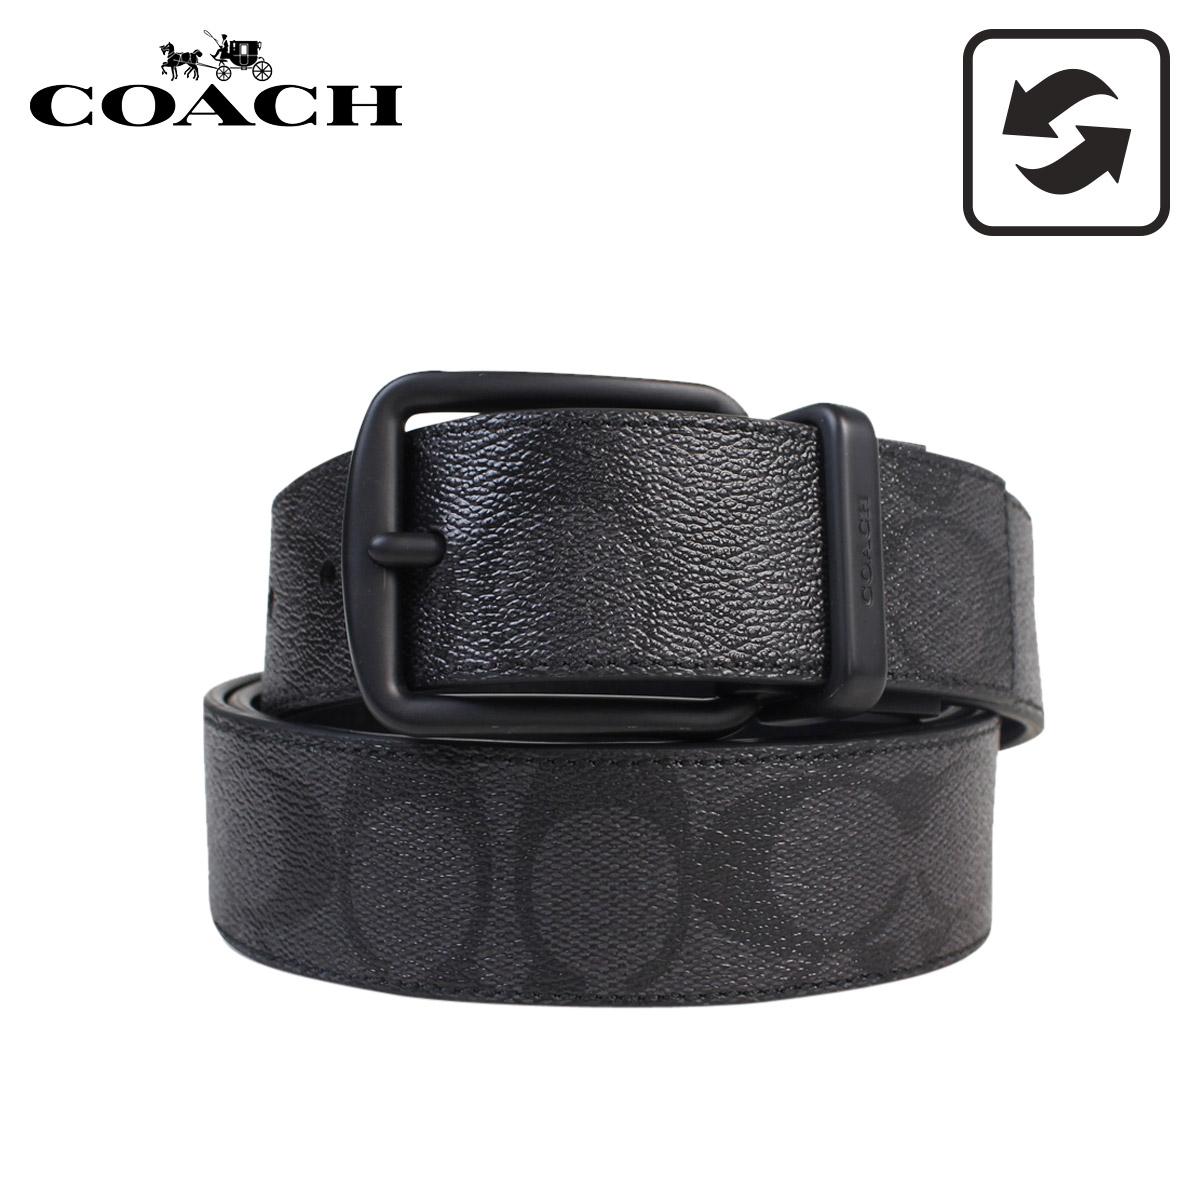 COACH F64839 BKBK コーチ ベルト メンズ 本革 レザー リバーシブル ビジネス ブラック [3/1 再入荷][192]